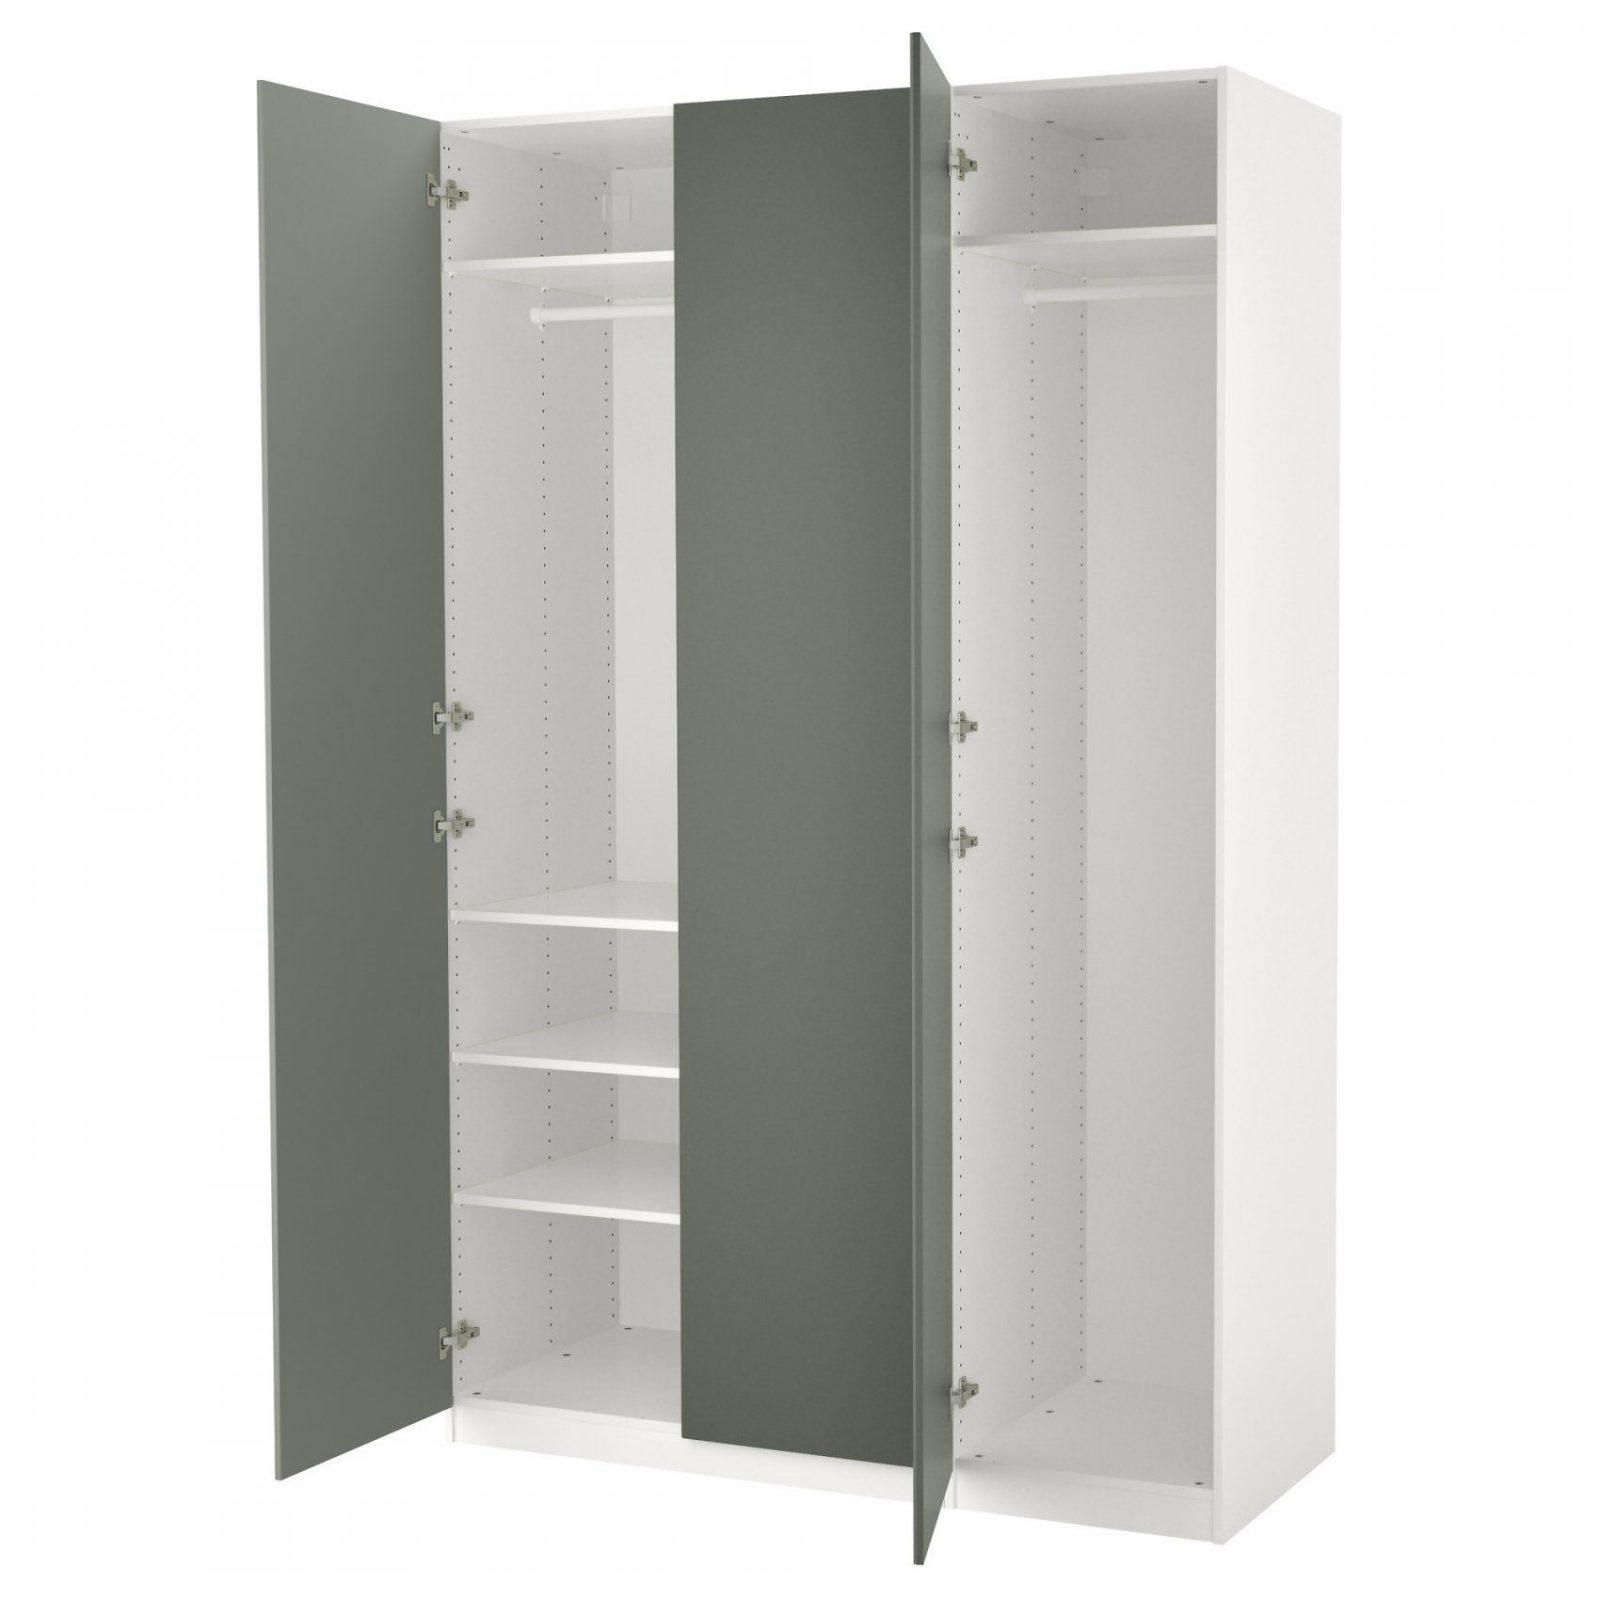 Beautiful Feinste Kleiderschrank 90 Cm Breit Pax Kleiderschra¤Nke von Ikea Schrank 90 Cm Breit Bild